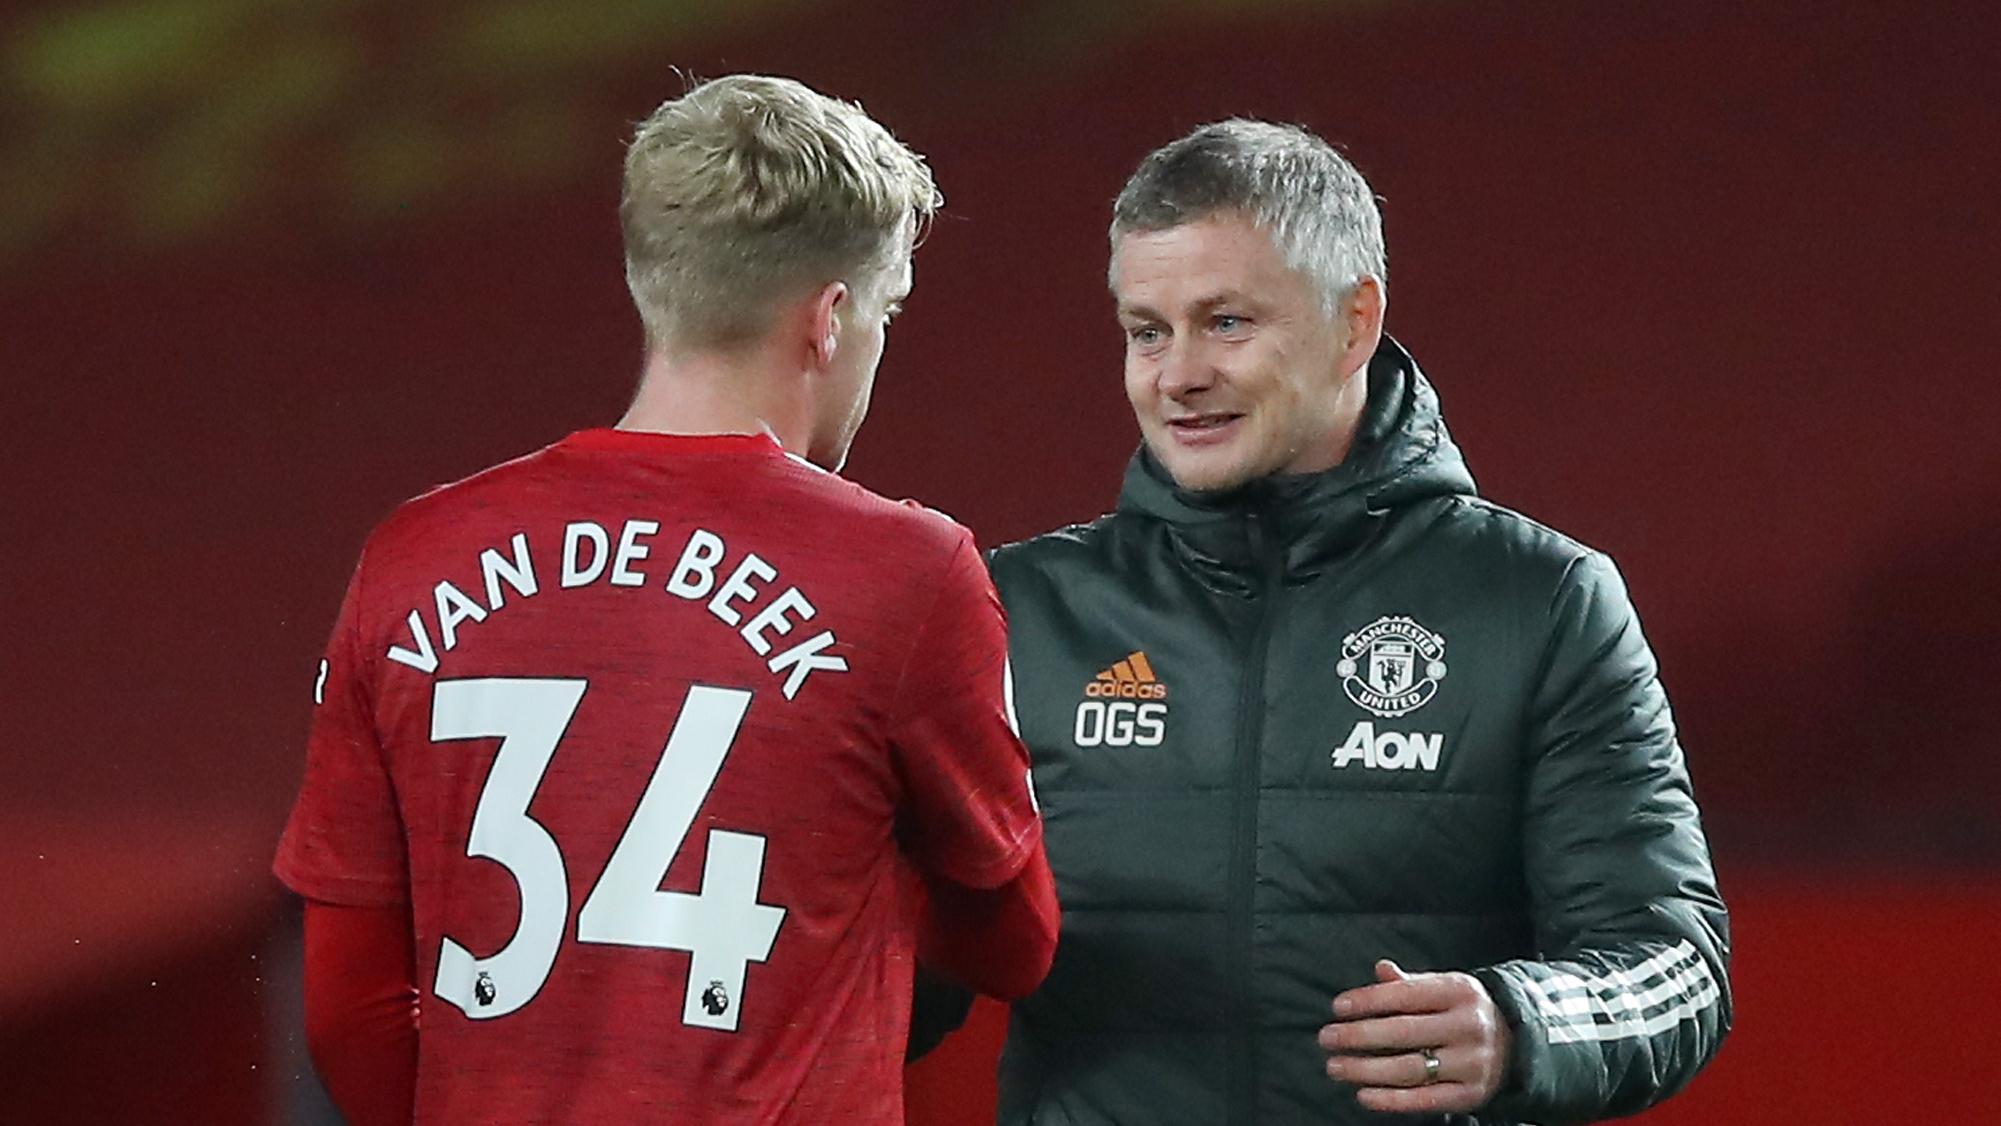 Cavani and Van de Beek adapting to Man Utd style – Solskjaer